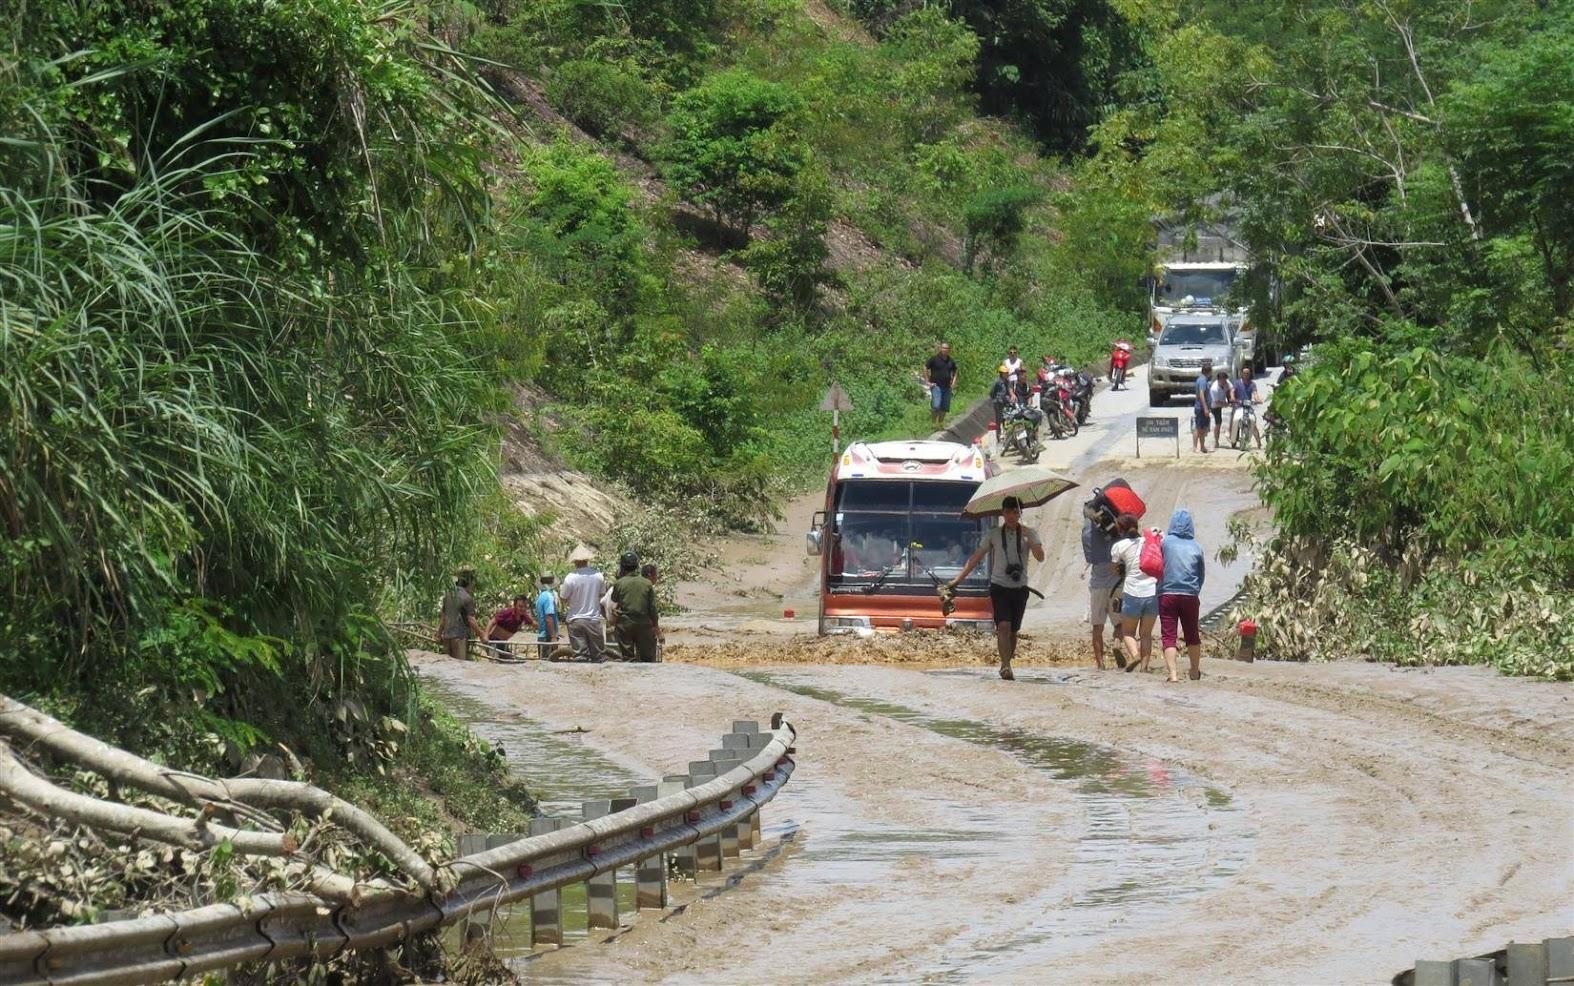 Thiên tai, lũ lụt gây ra nhiều hậu quả nặng nề (Trong ảnh: Quốc lộ 7 bị ngập do ảnh hưởng của cơn bão số 4 năm 2018)